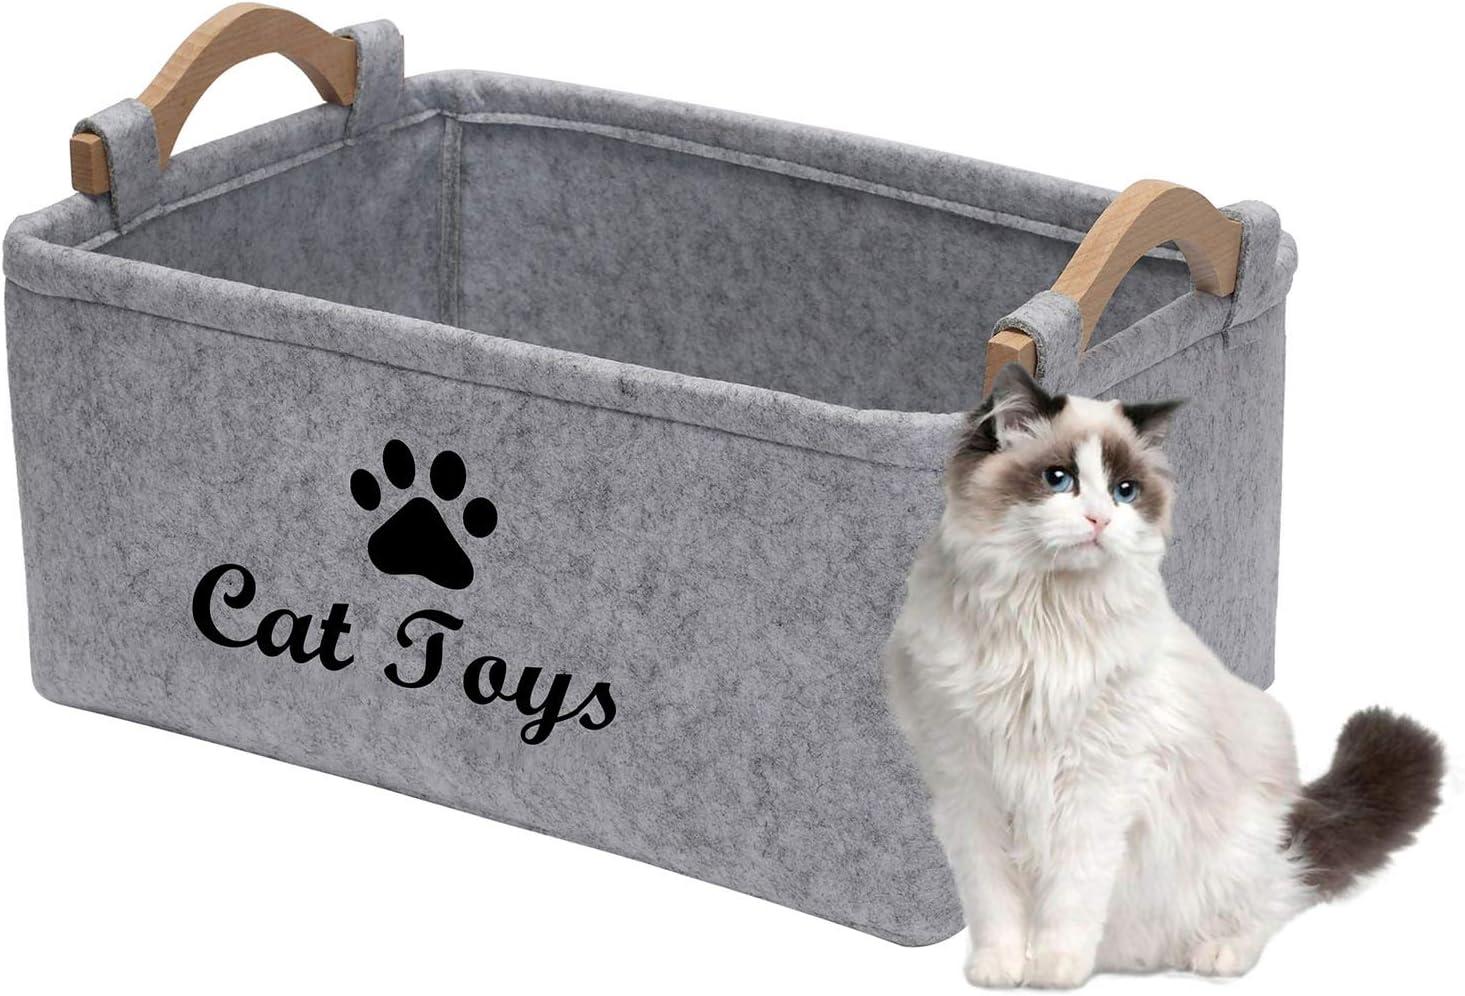 Geyecete - Cestas de Almacenamiento para Juguetes de Gato con Mango de Madera, Fieltro Caja de Almacenaje para Juguetes para Gatos e Accesorios para mascota-38x25x24cm-Gris Claro(Big)